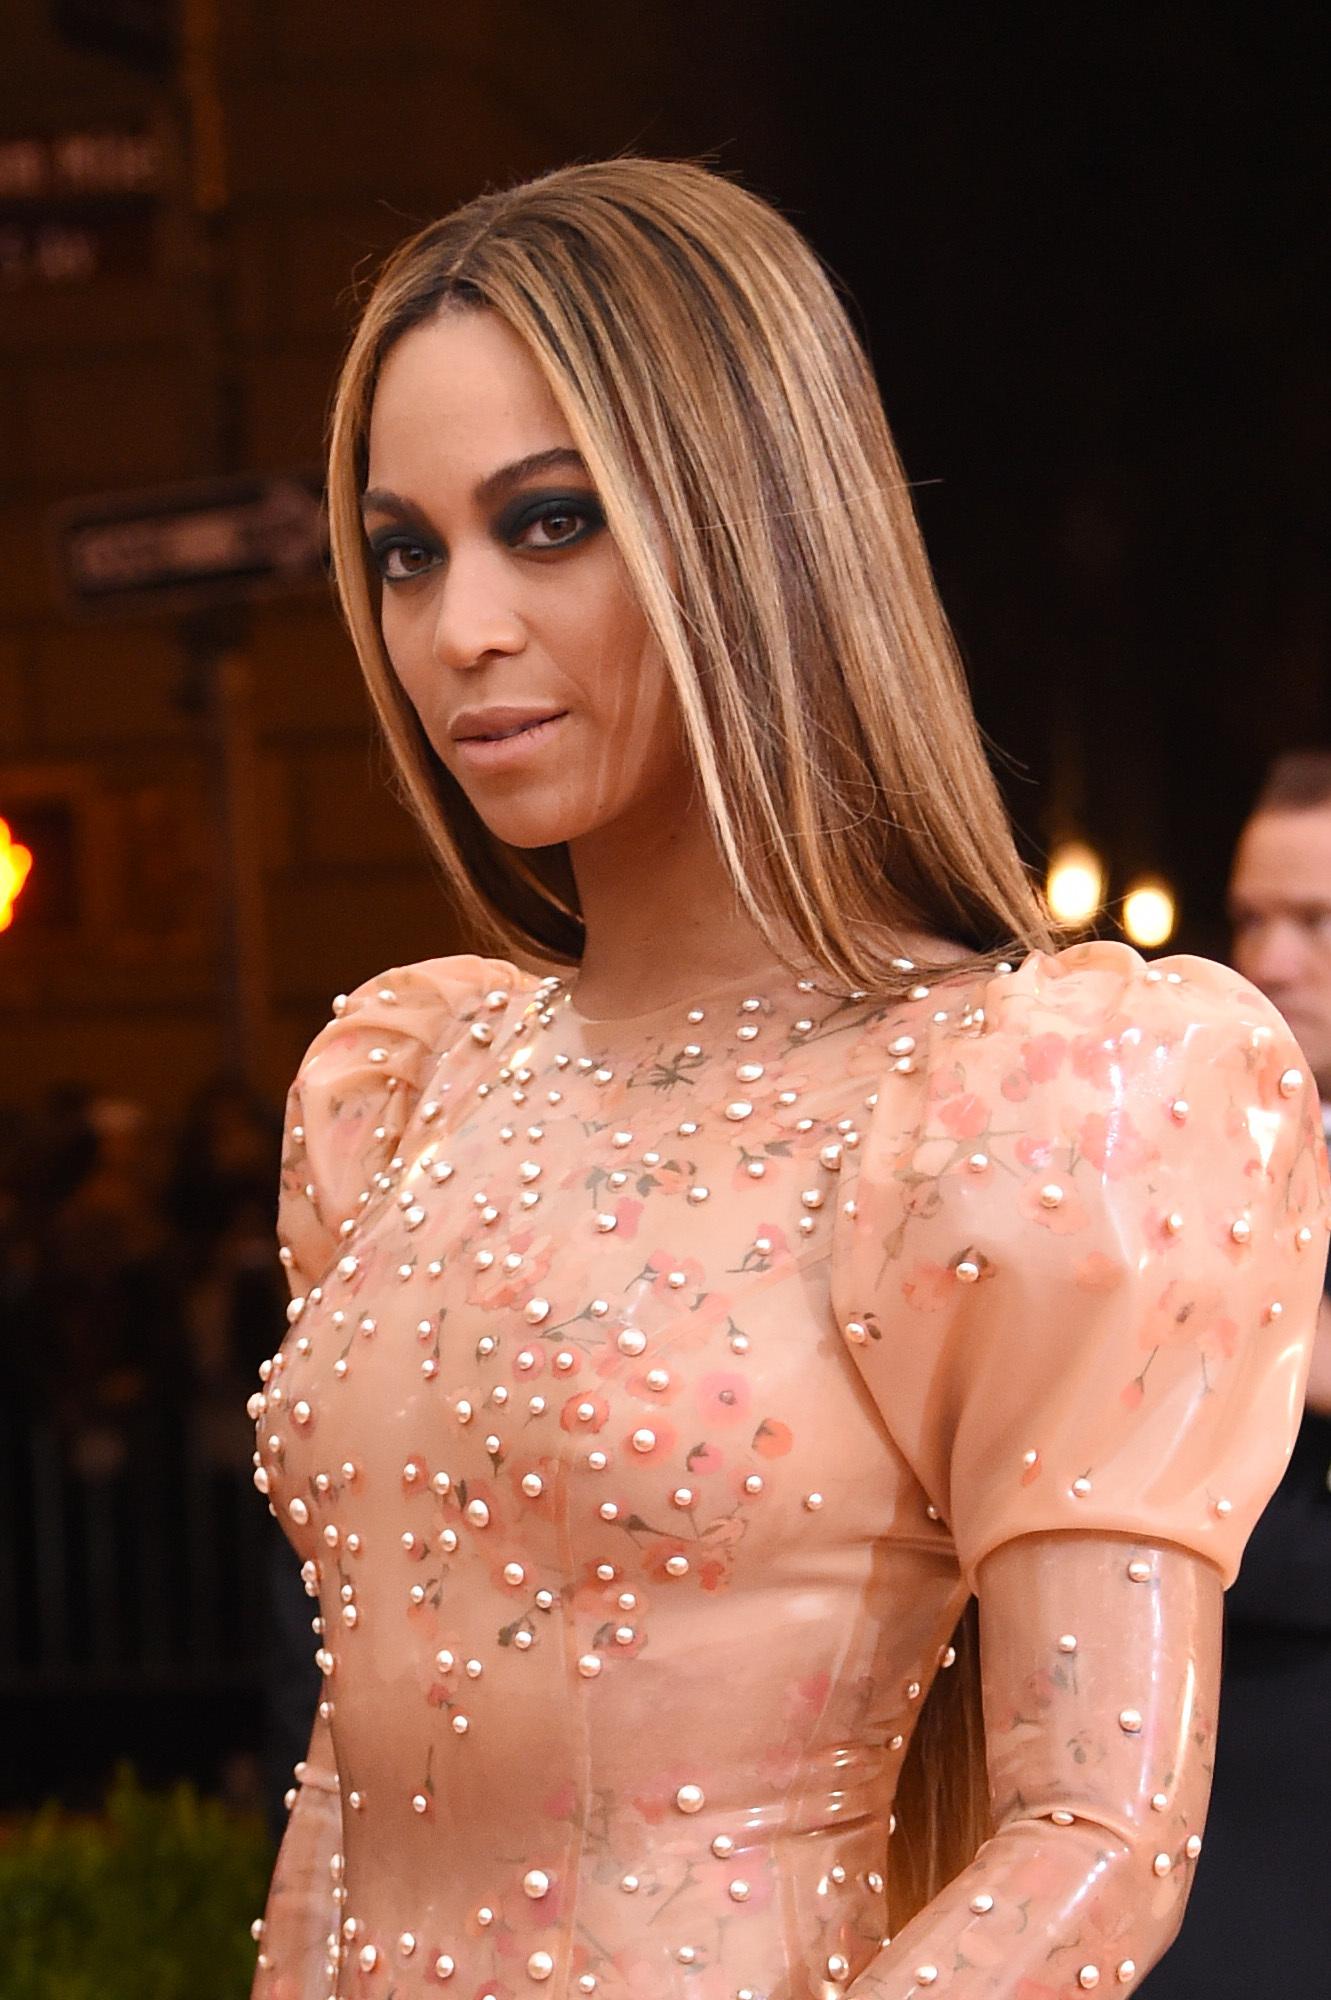 Why did Jay Z skip the Met Gala?